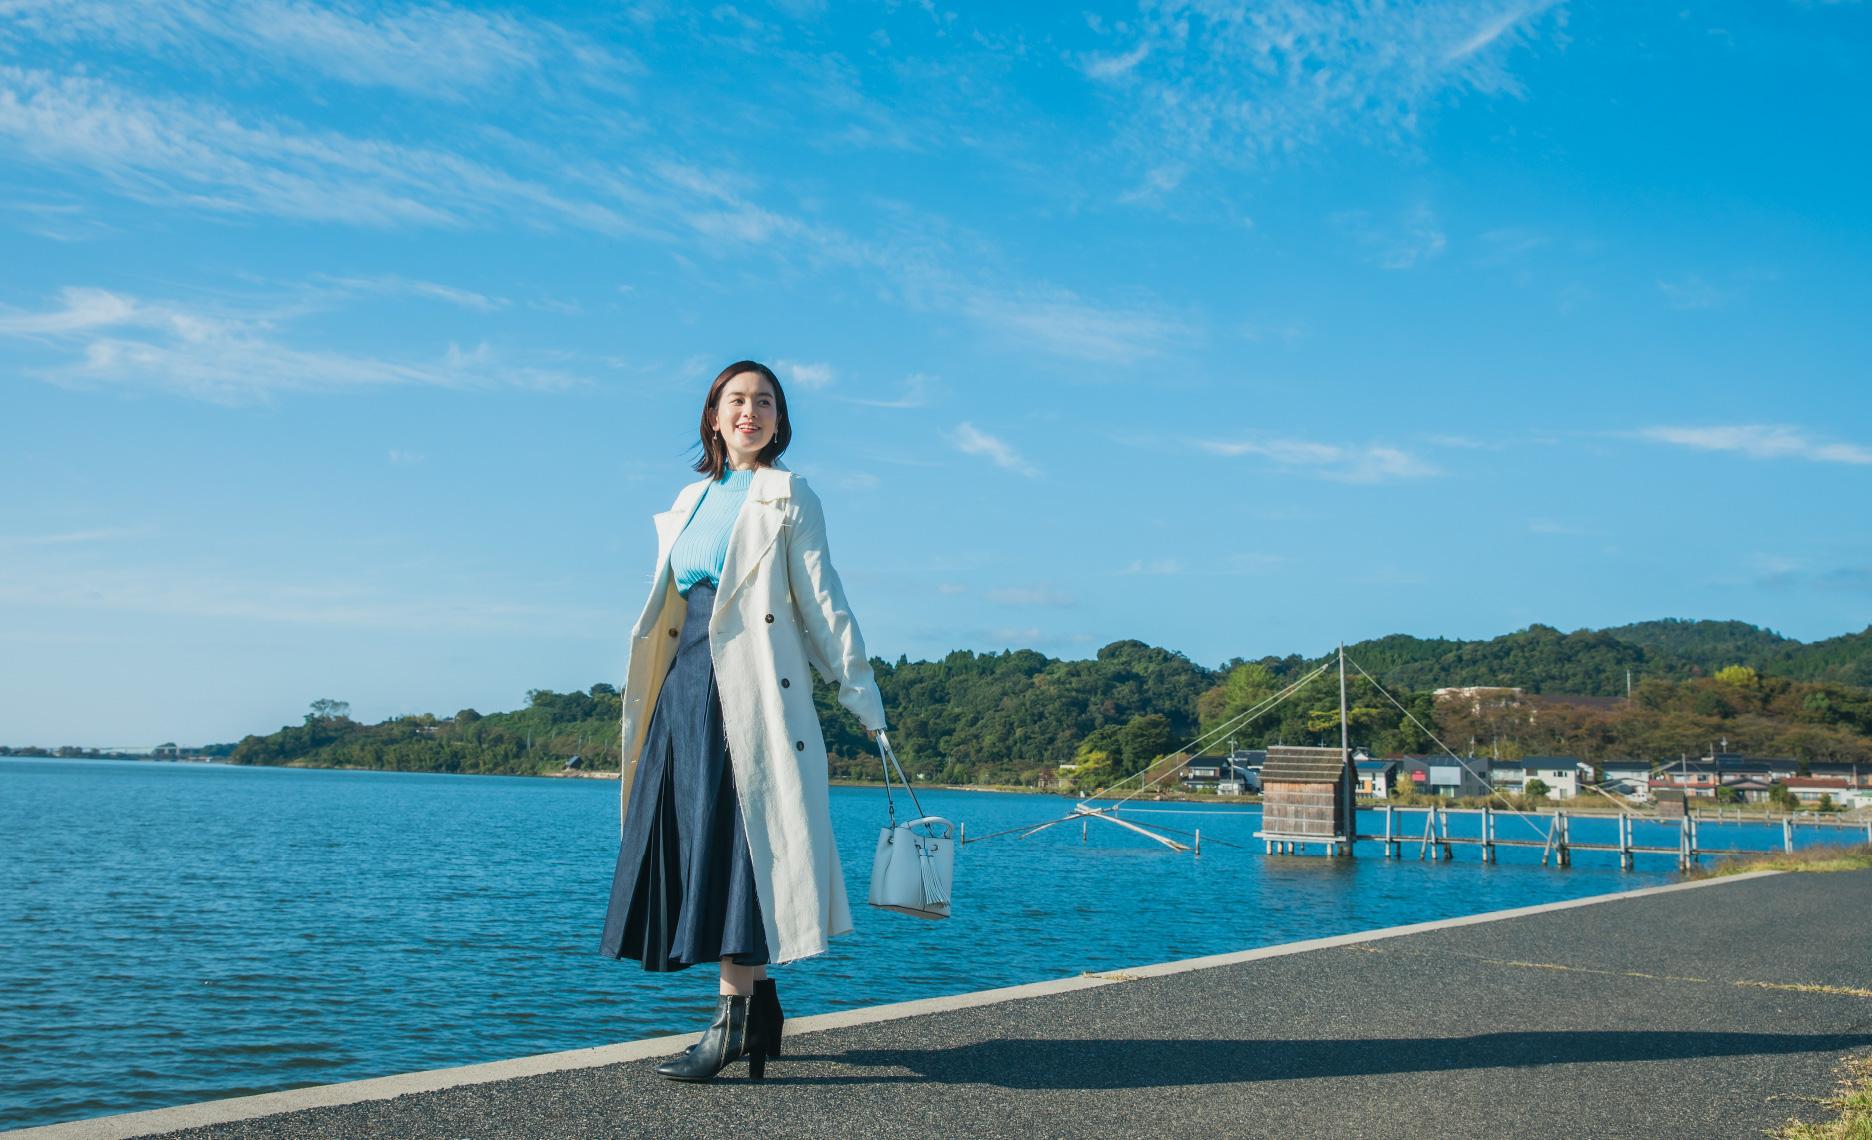 筧美和子さんがナビゲート 湯梨浜町でのんびり&アクティブな欲張り旅